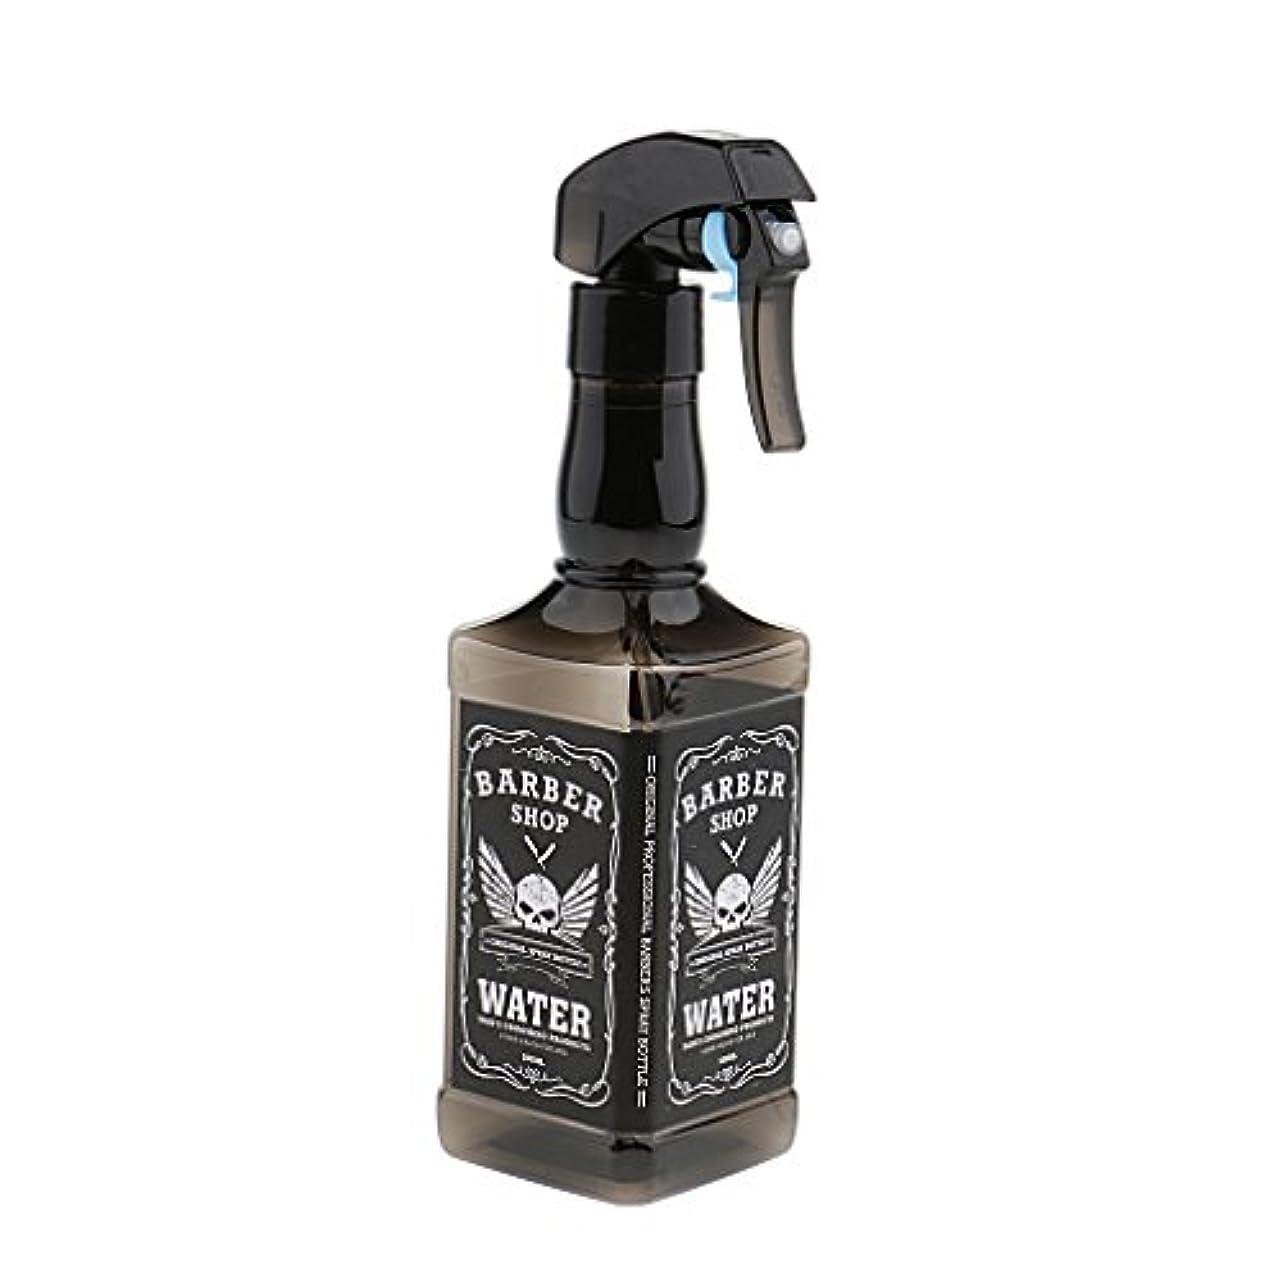 宿題迷信説得スプレーボトル プラスチック製 ヘアスプレー ボトル サロン 美容院 水スプレー 500ml 3色選べ - ブラック